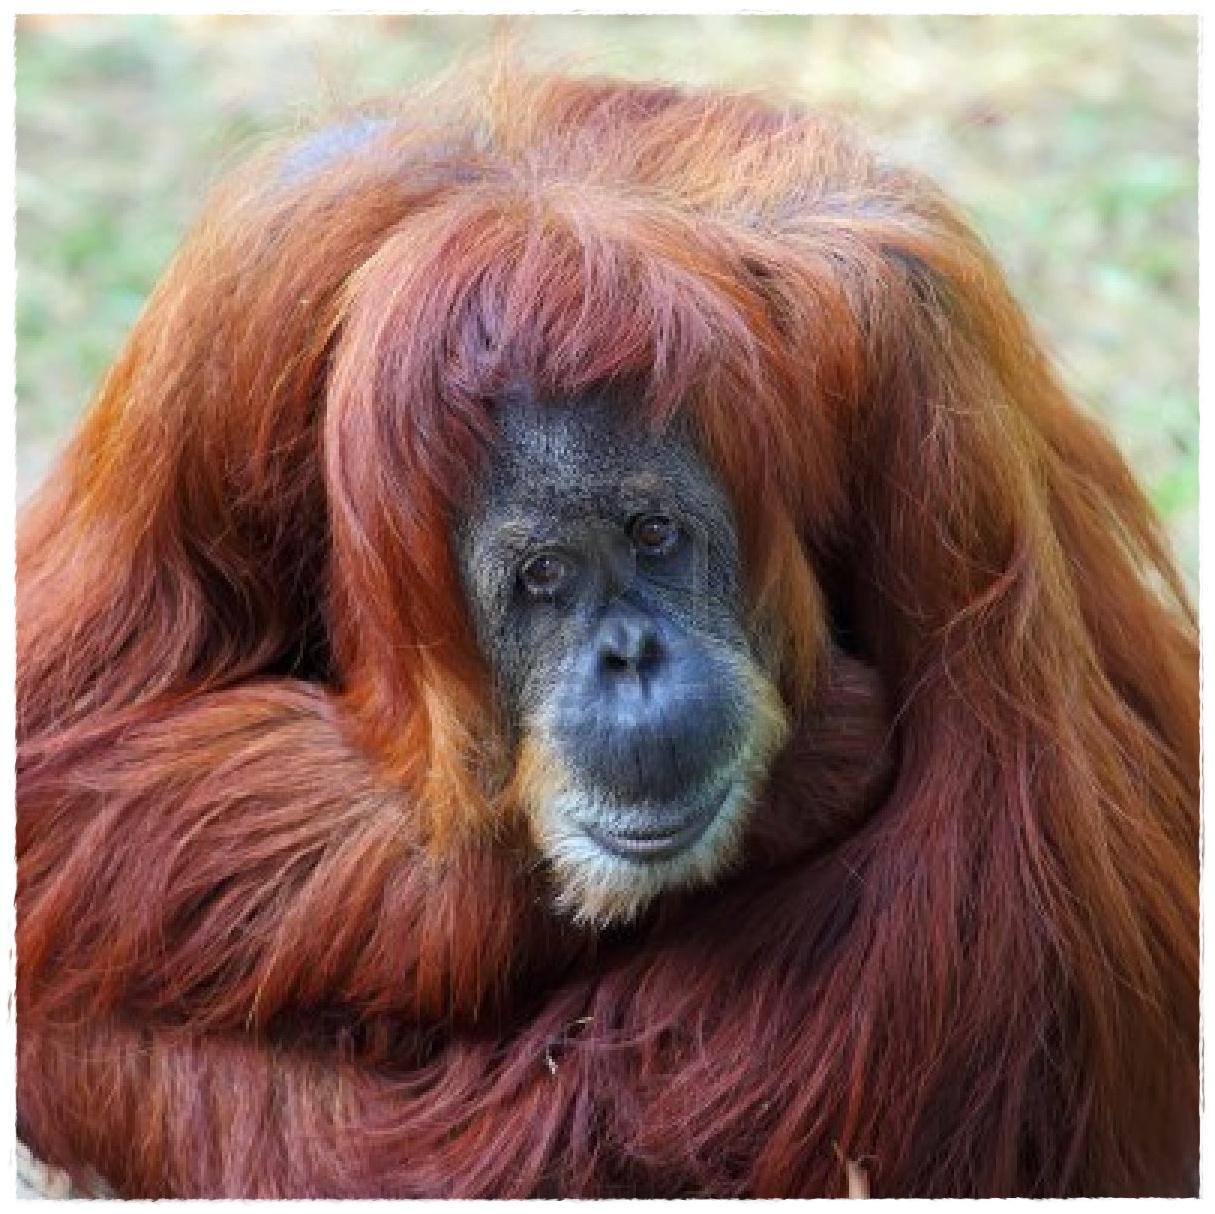 Gambar Orang  Utan Dunia Binatang